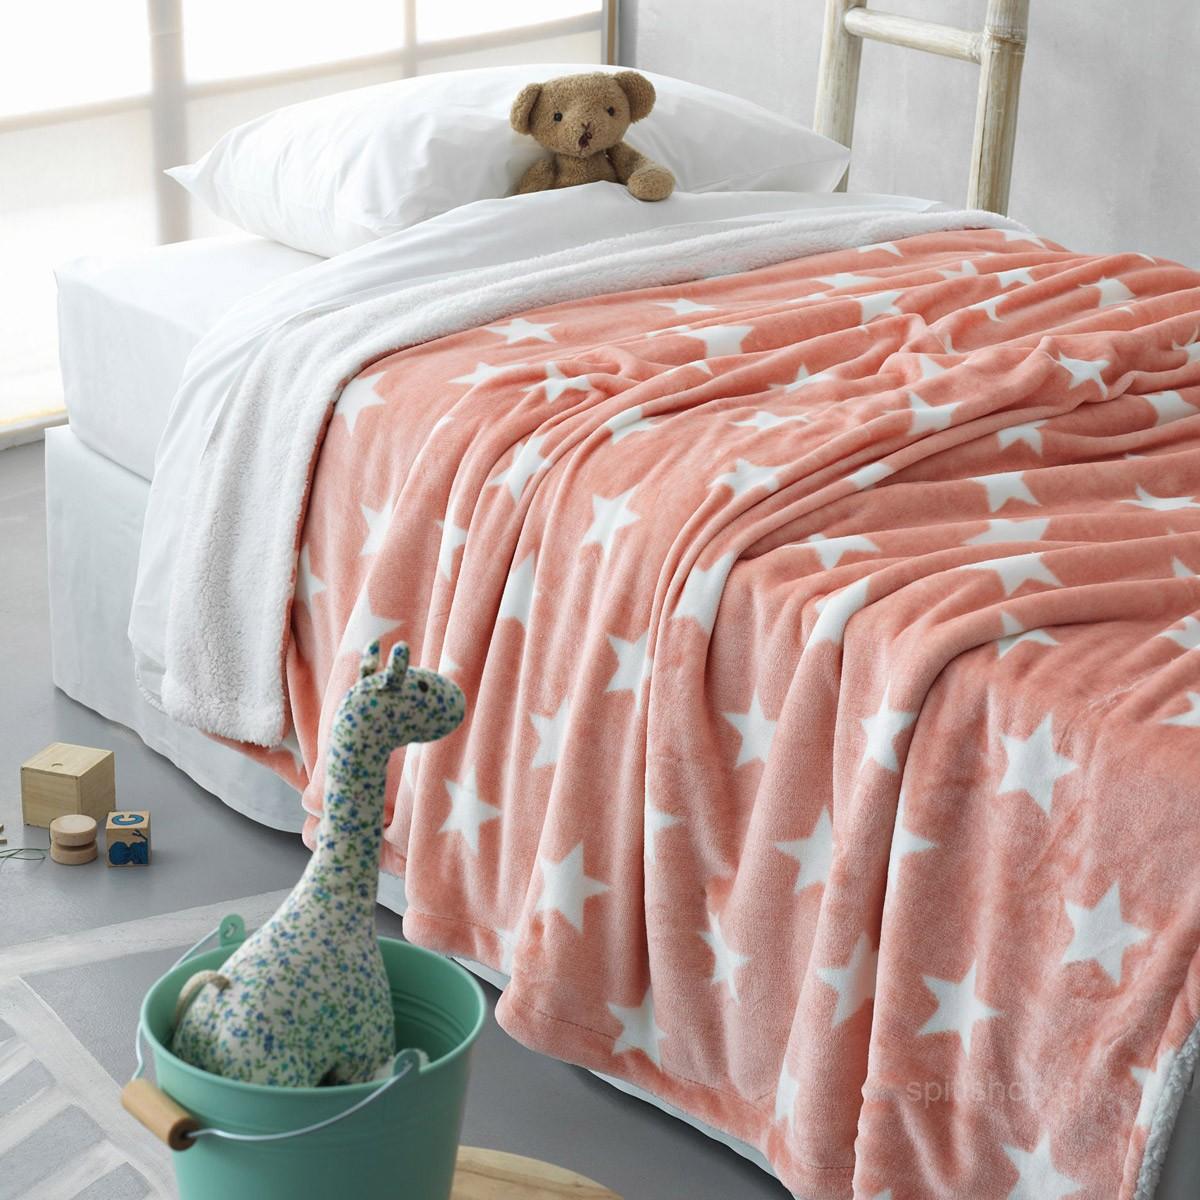 Κουβέρτα fleece μονή (160Χ240) STAR PINK, PALAMAIKI παιδικα   παιδικές κουβέρτες   κουβέρτες fleece